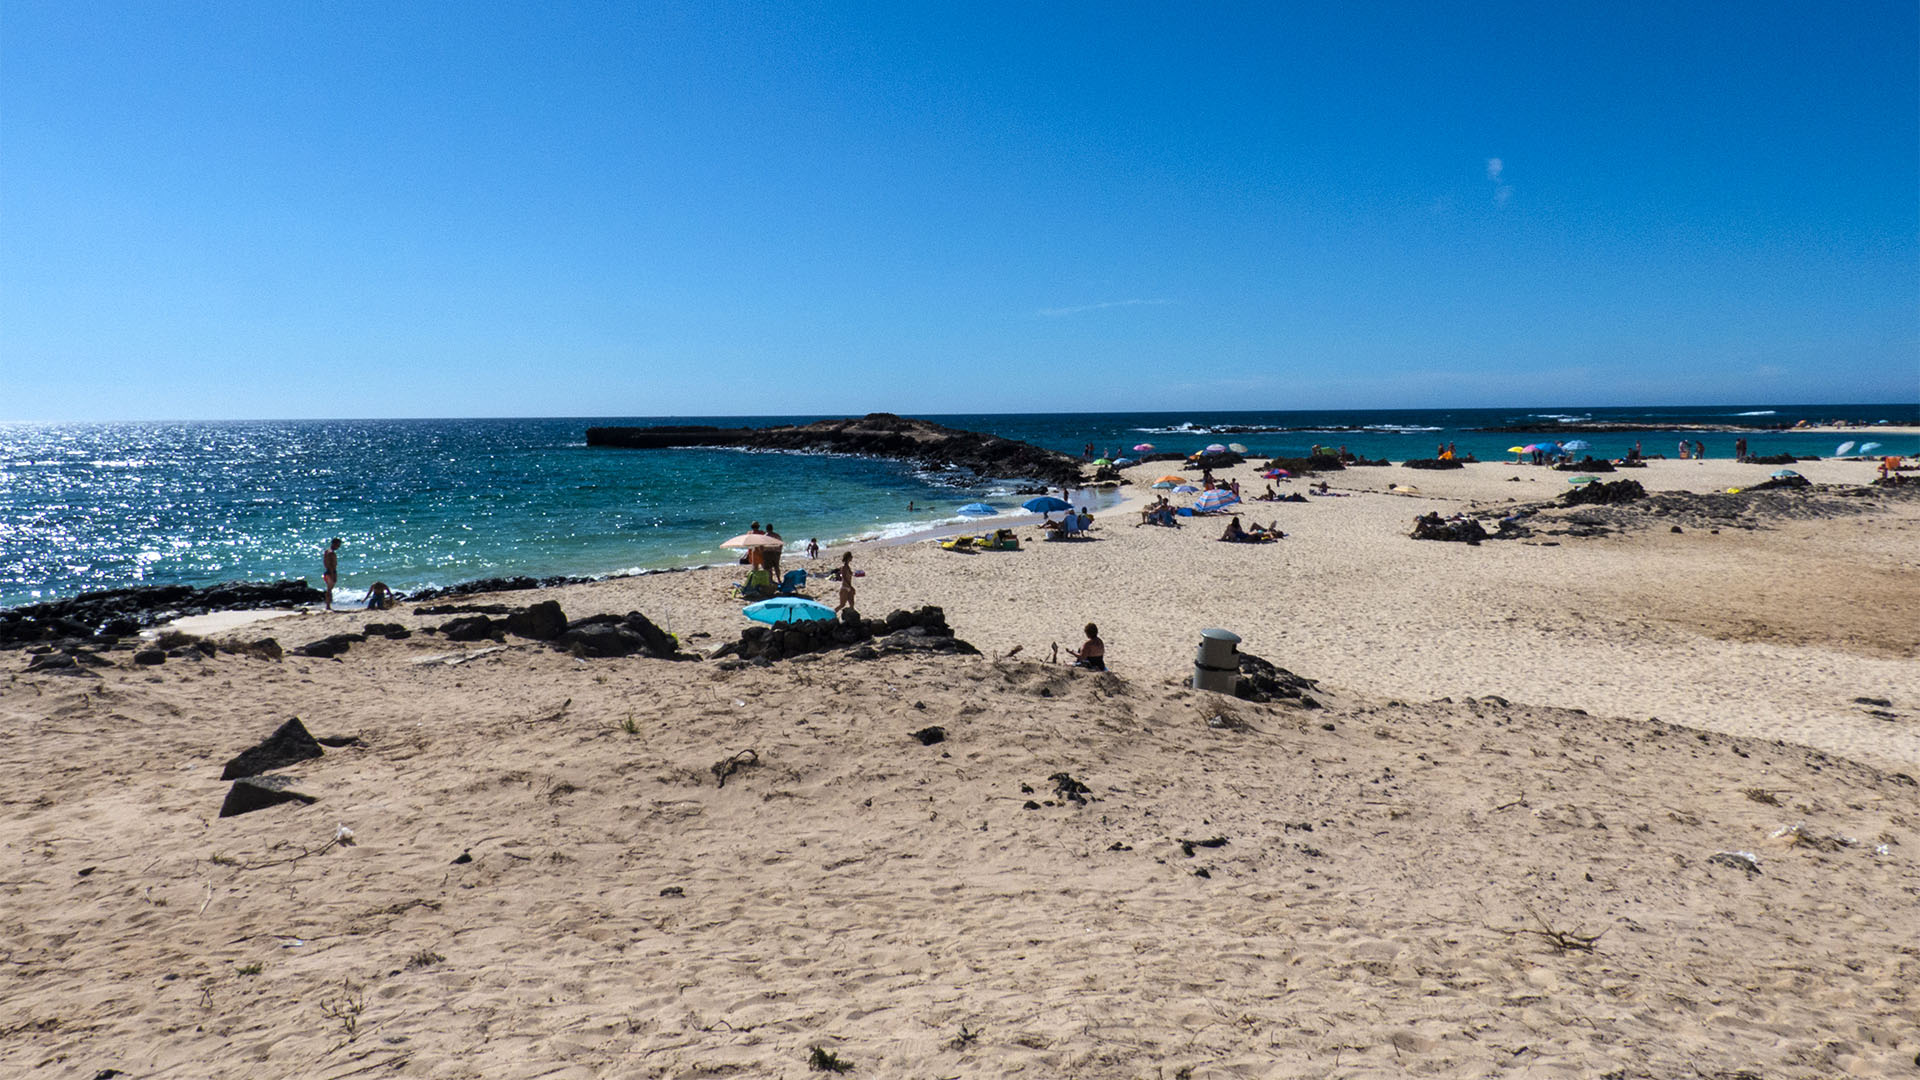 Die Strände Fuerteventuras: Punta de la Barra (La Concha)